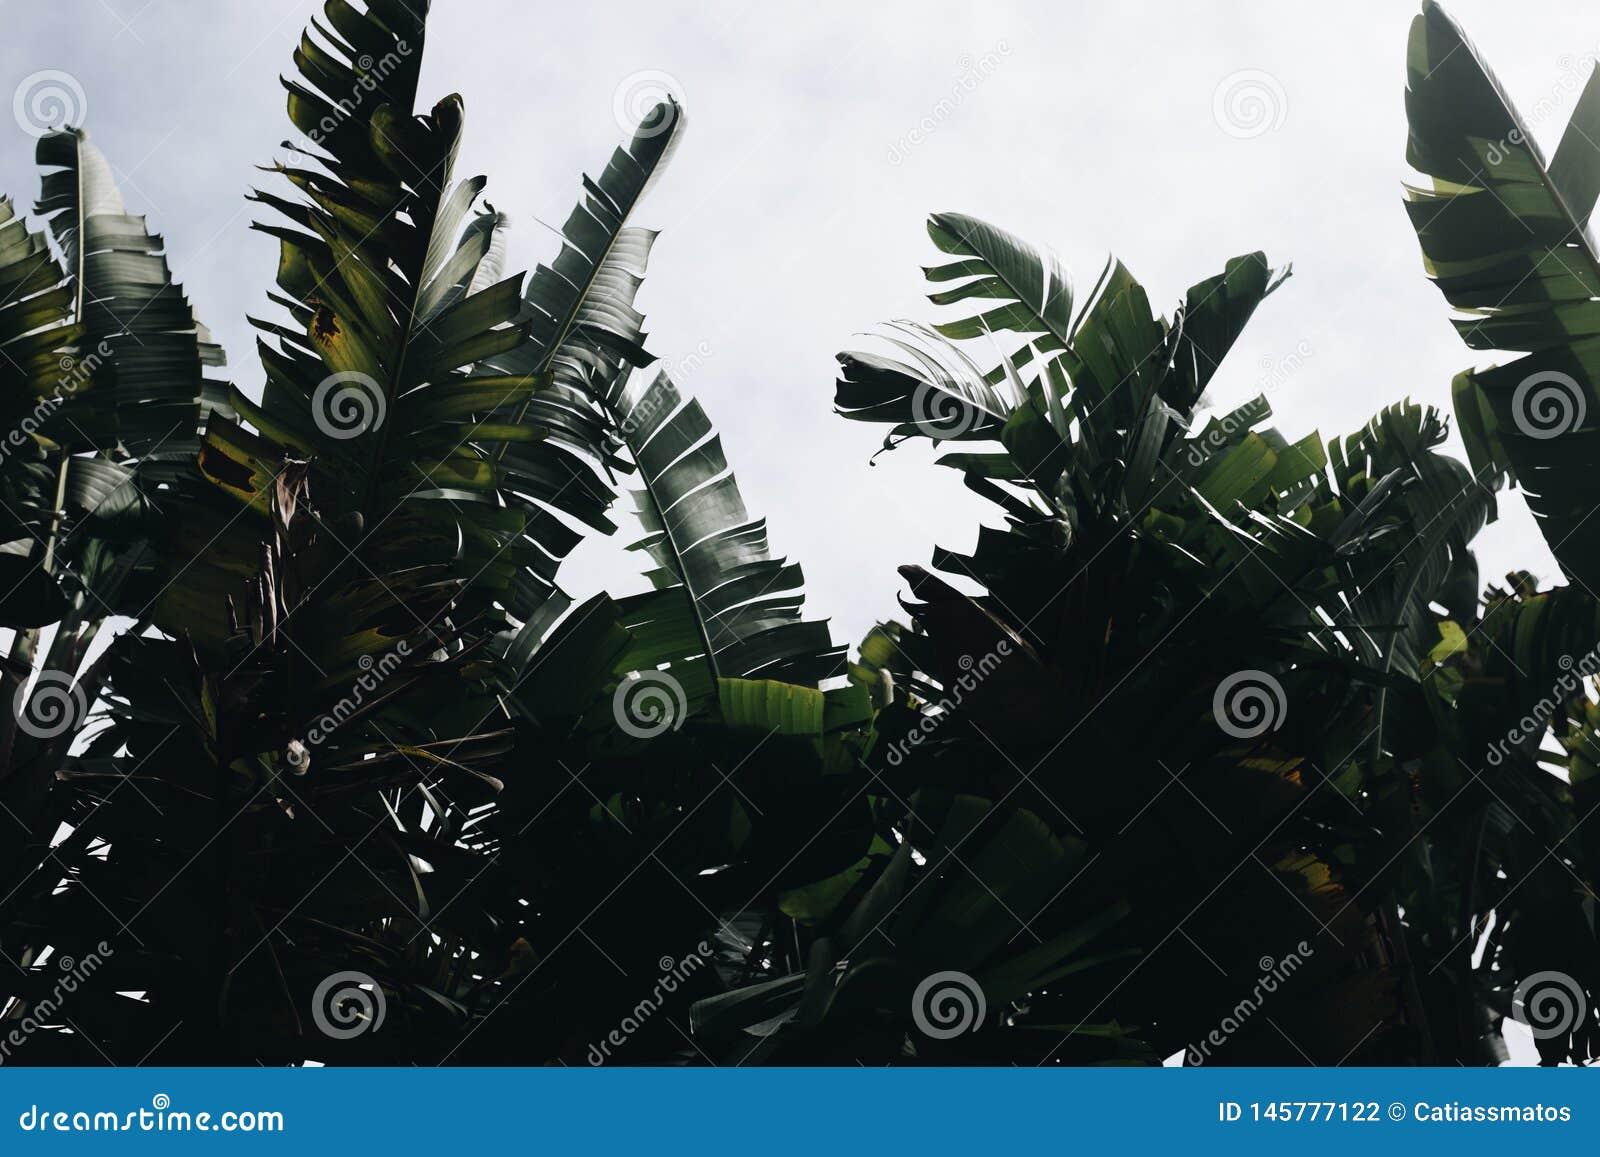 Botanical urban